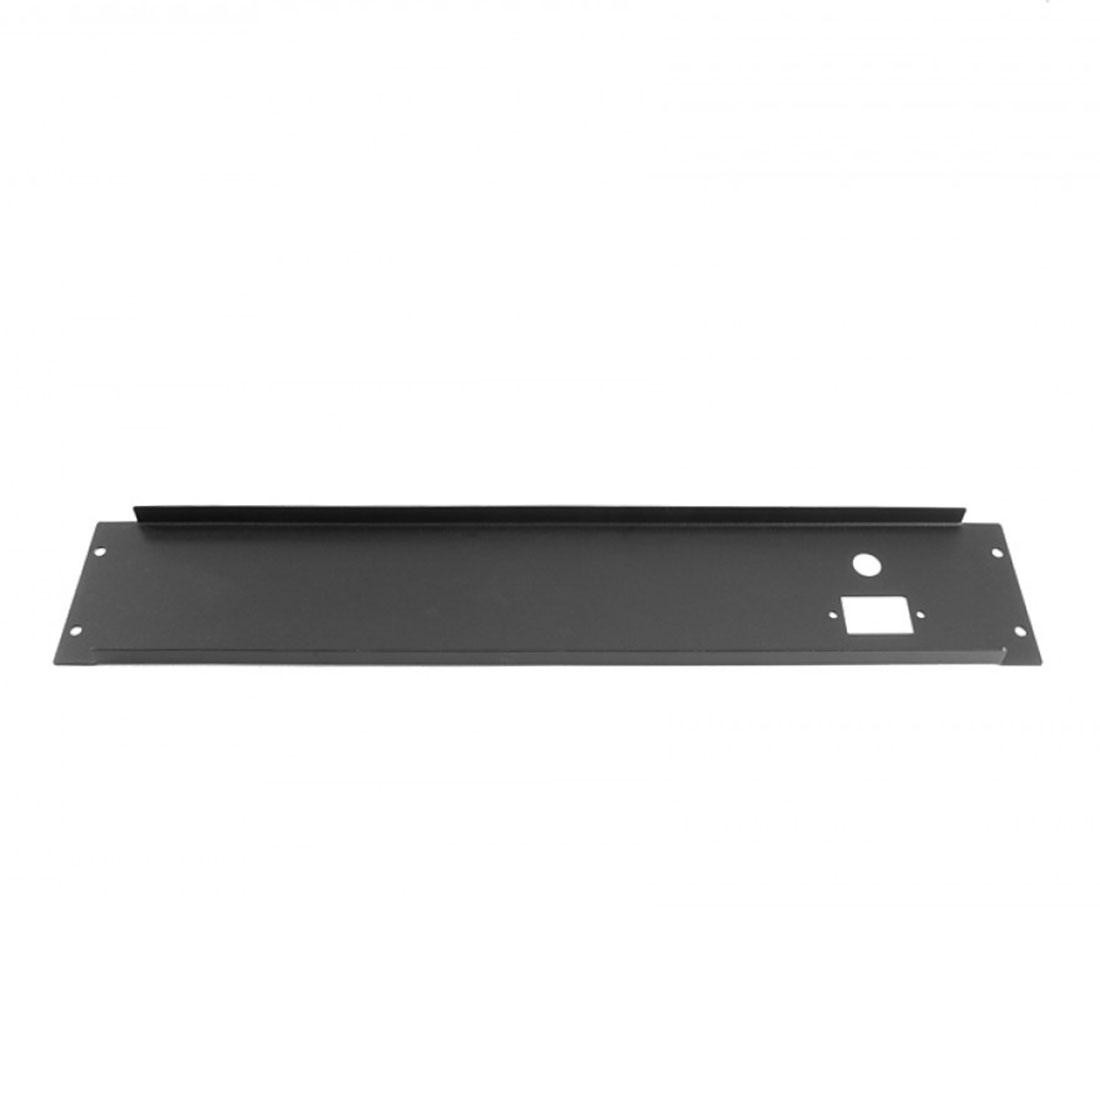 1PS02P400N - 2U rack krabice plechová, 400mm, 4mm - rack panel černý